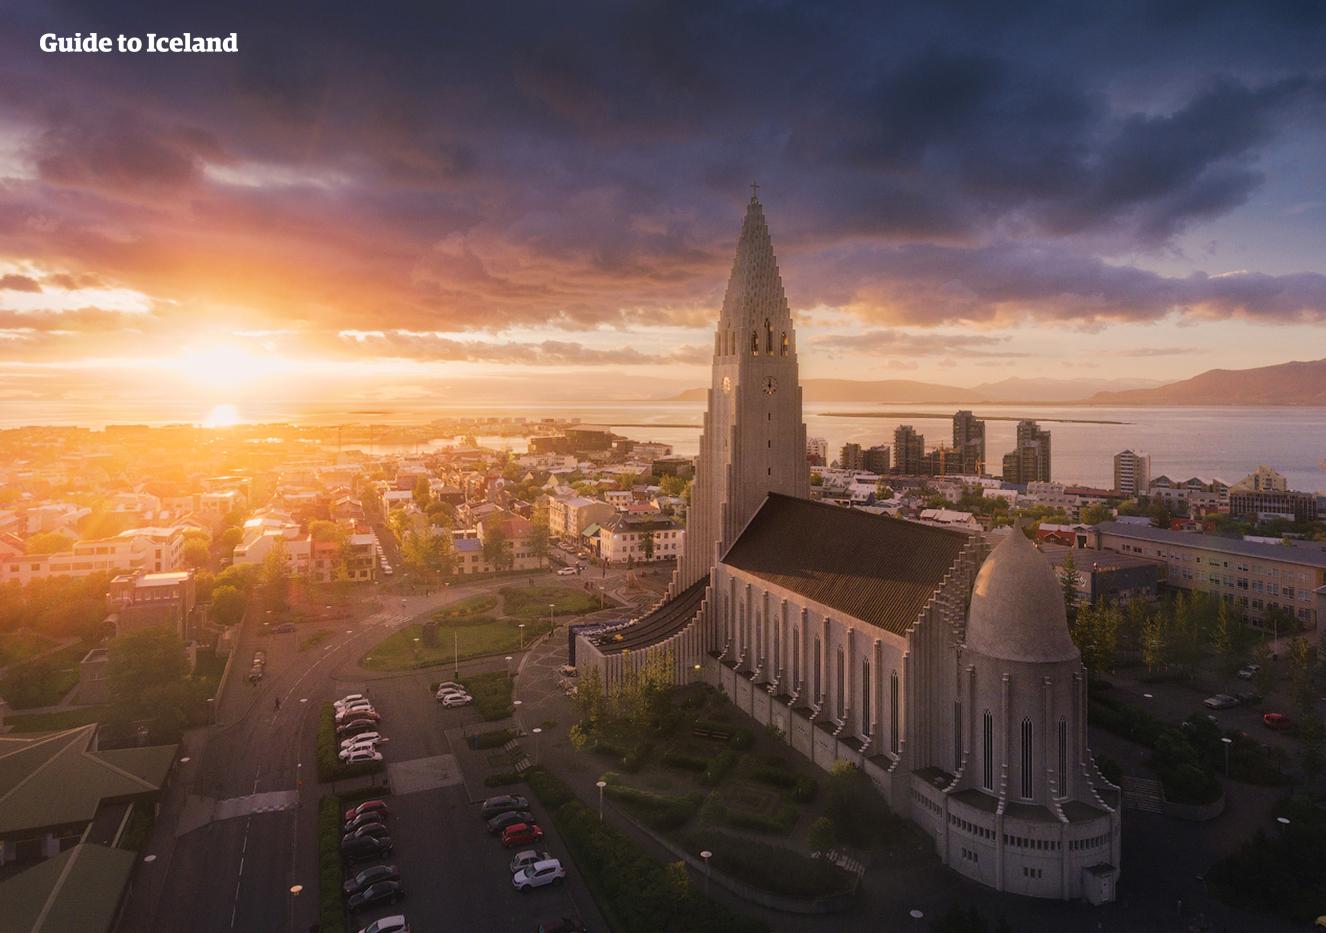 """Kolorowe domy w Reykjaviku tworzą niepowtarzalny """"klimat"""" tego miejsca."""